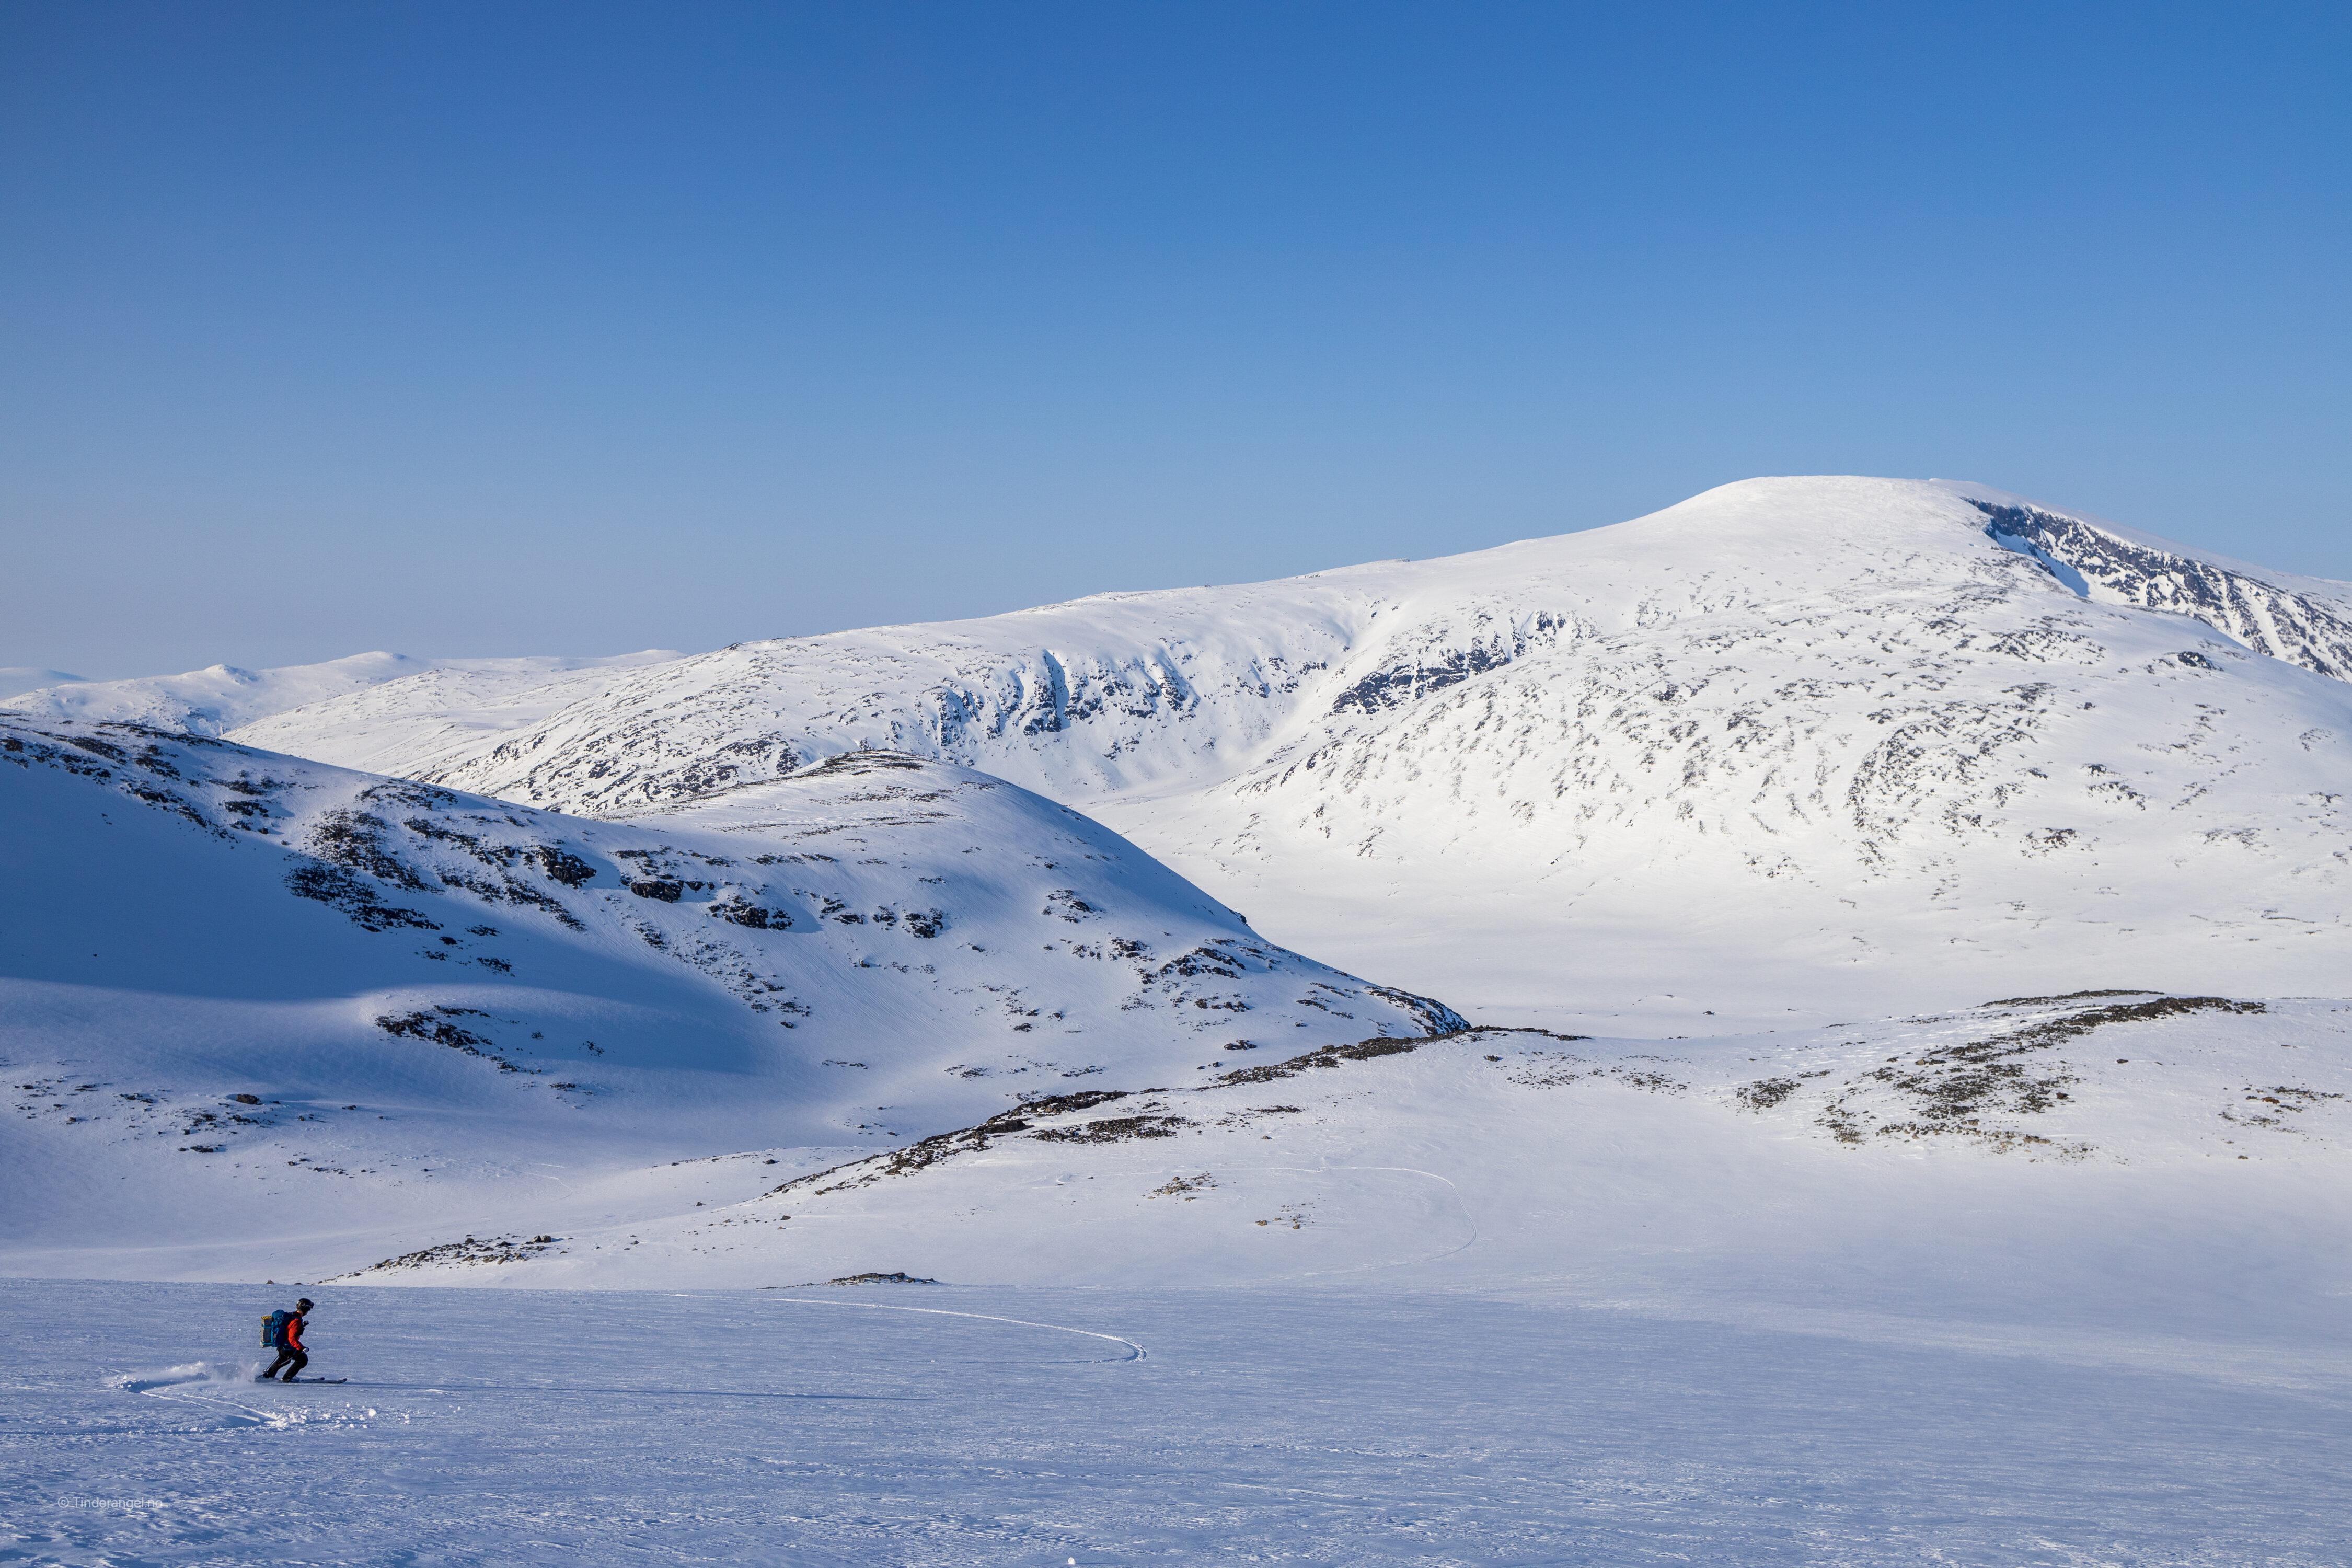 På ski ned fra Leirhøe mot Skautflye med Glittertinden i bakgrunnen.